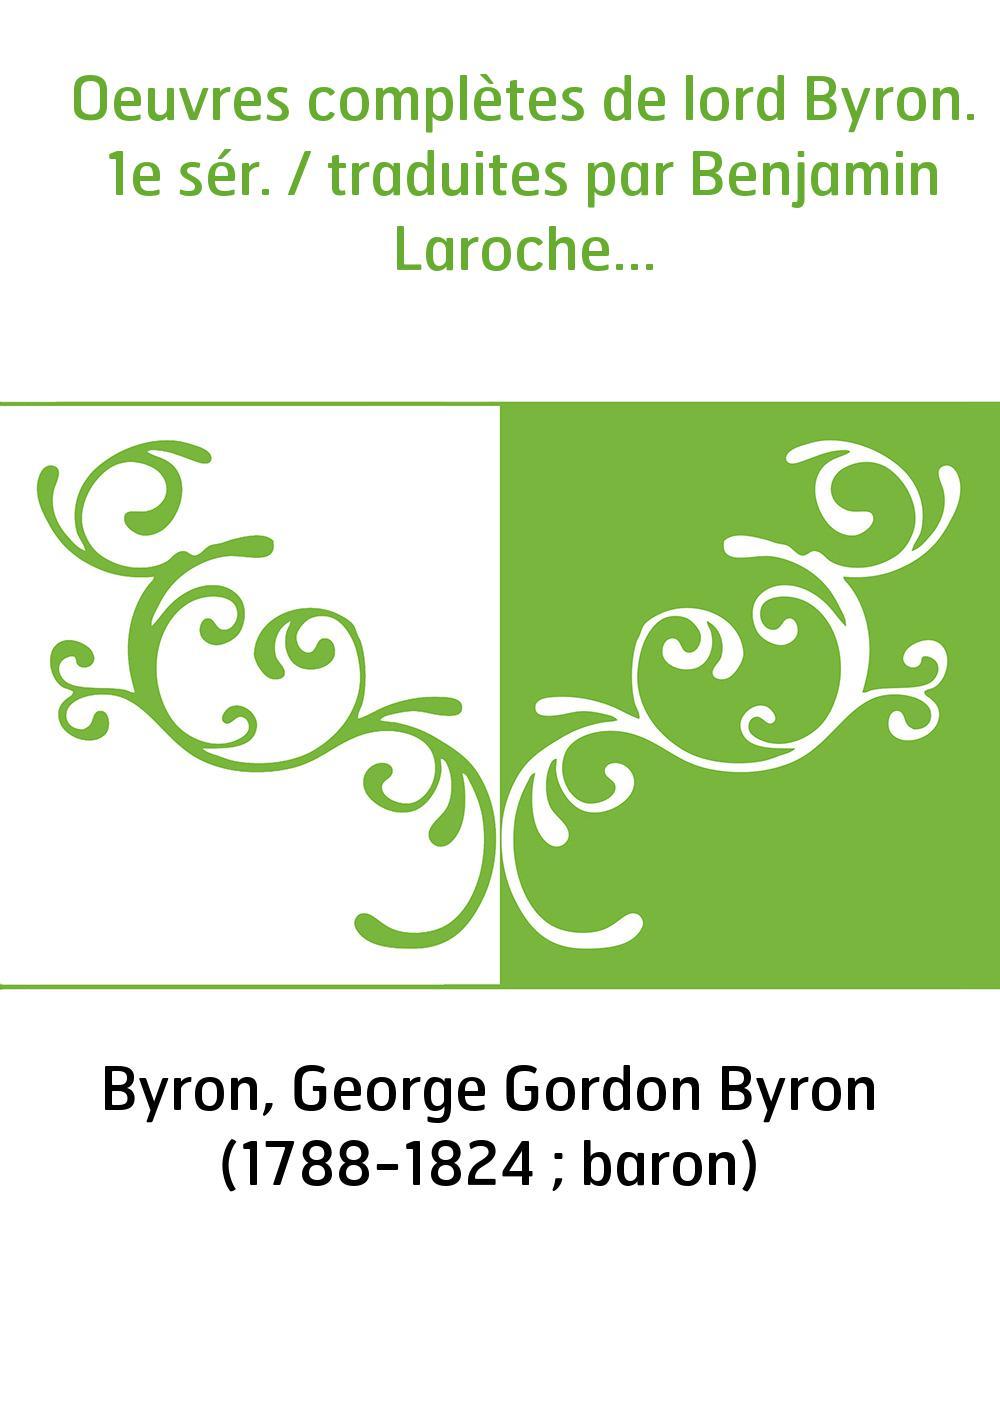 Oeuvres complètes de lord Byron. 1e sér. / traduites par Benjamin Laroche...